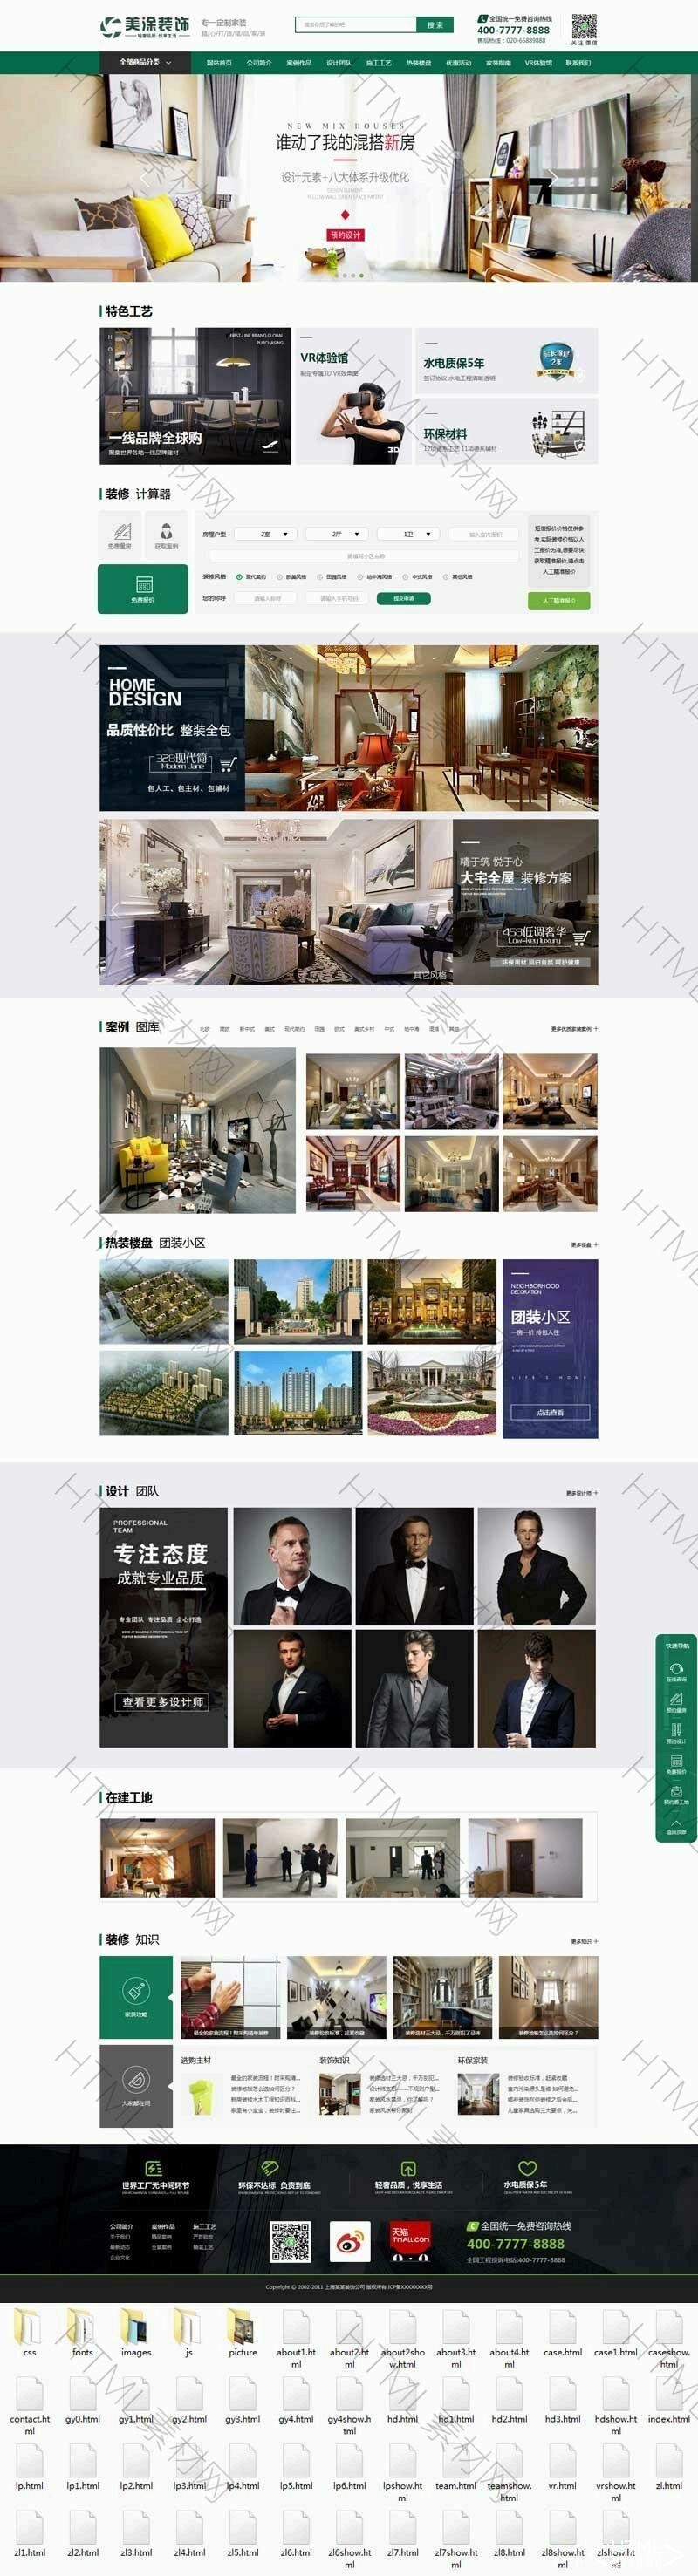 绿色大气的室内装饰工程公司网站模板.jpg